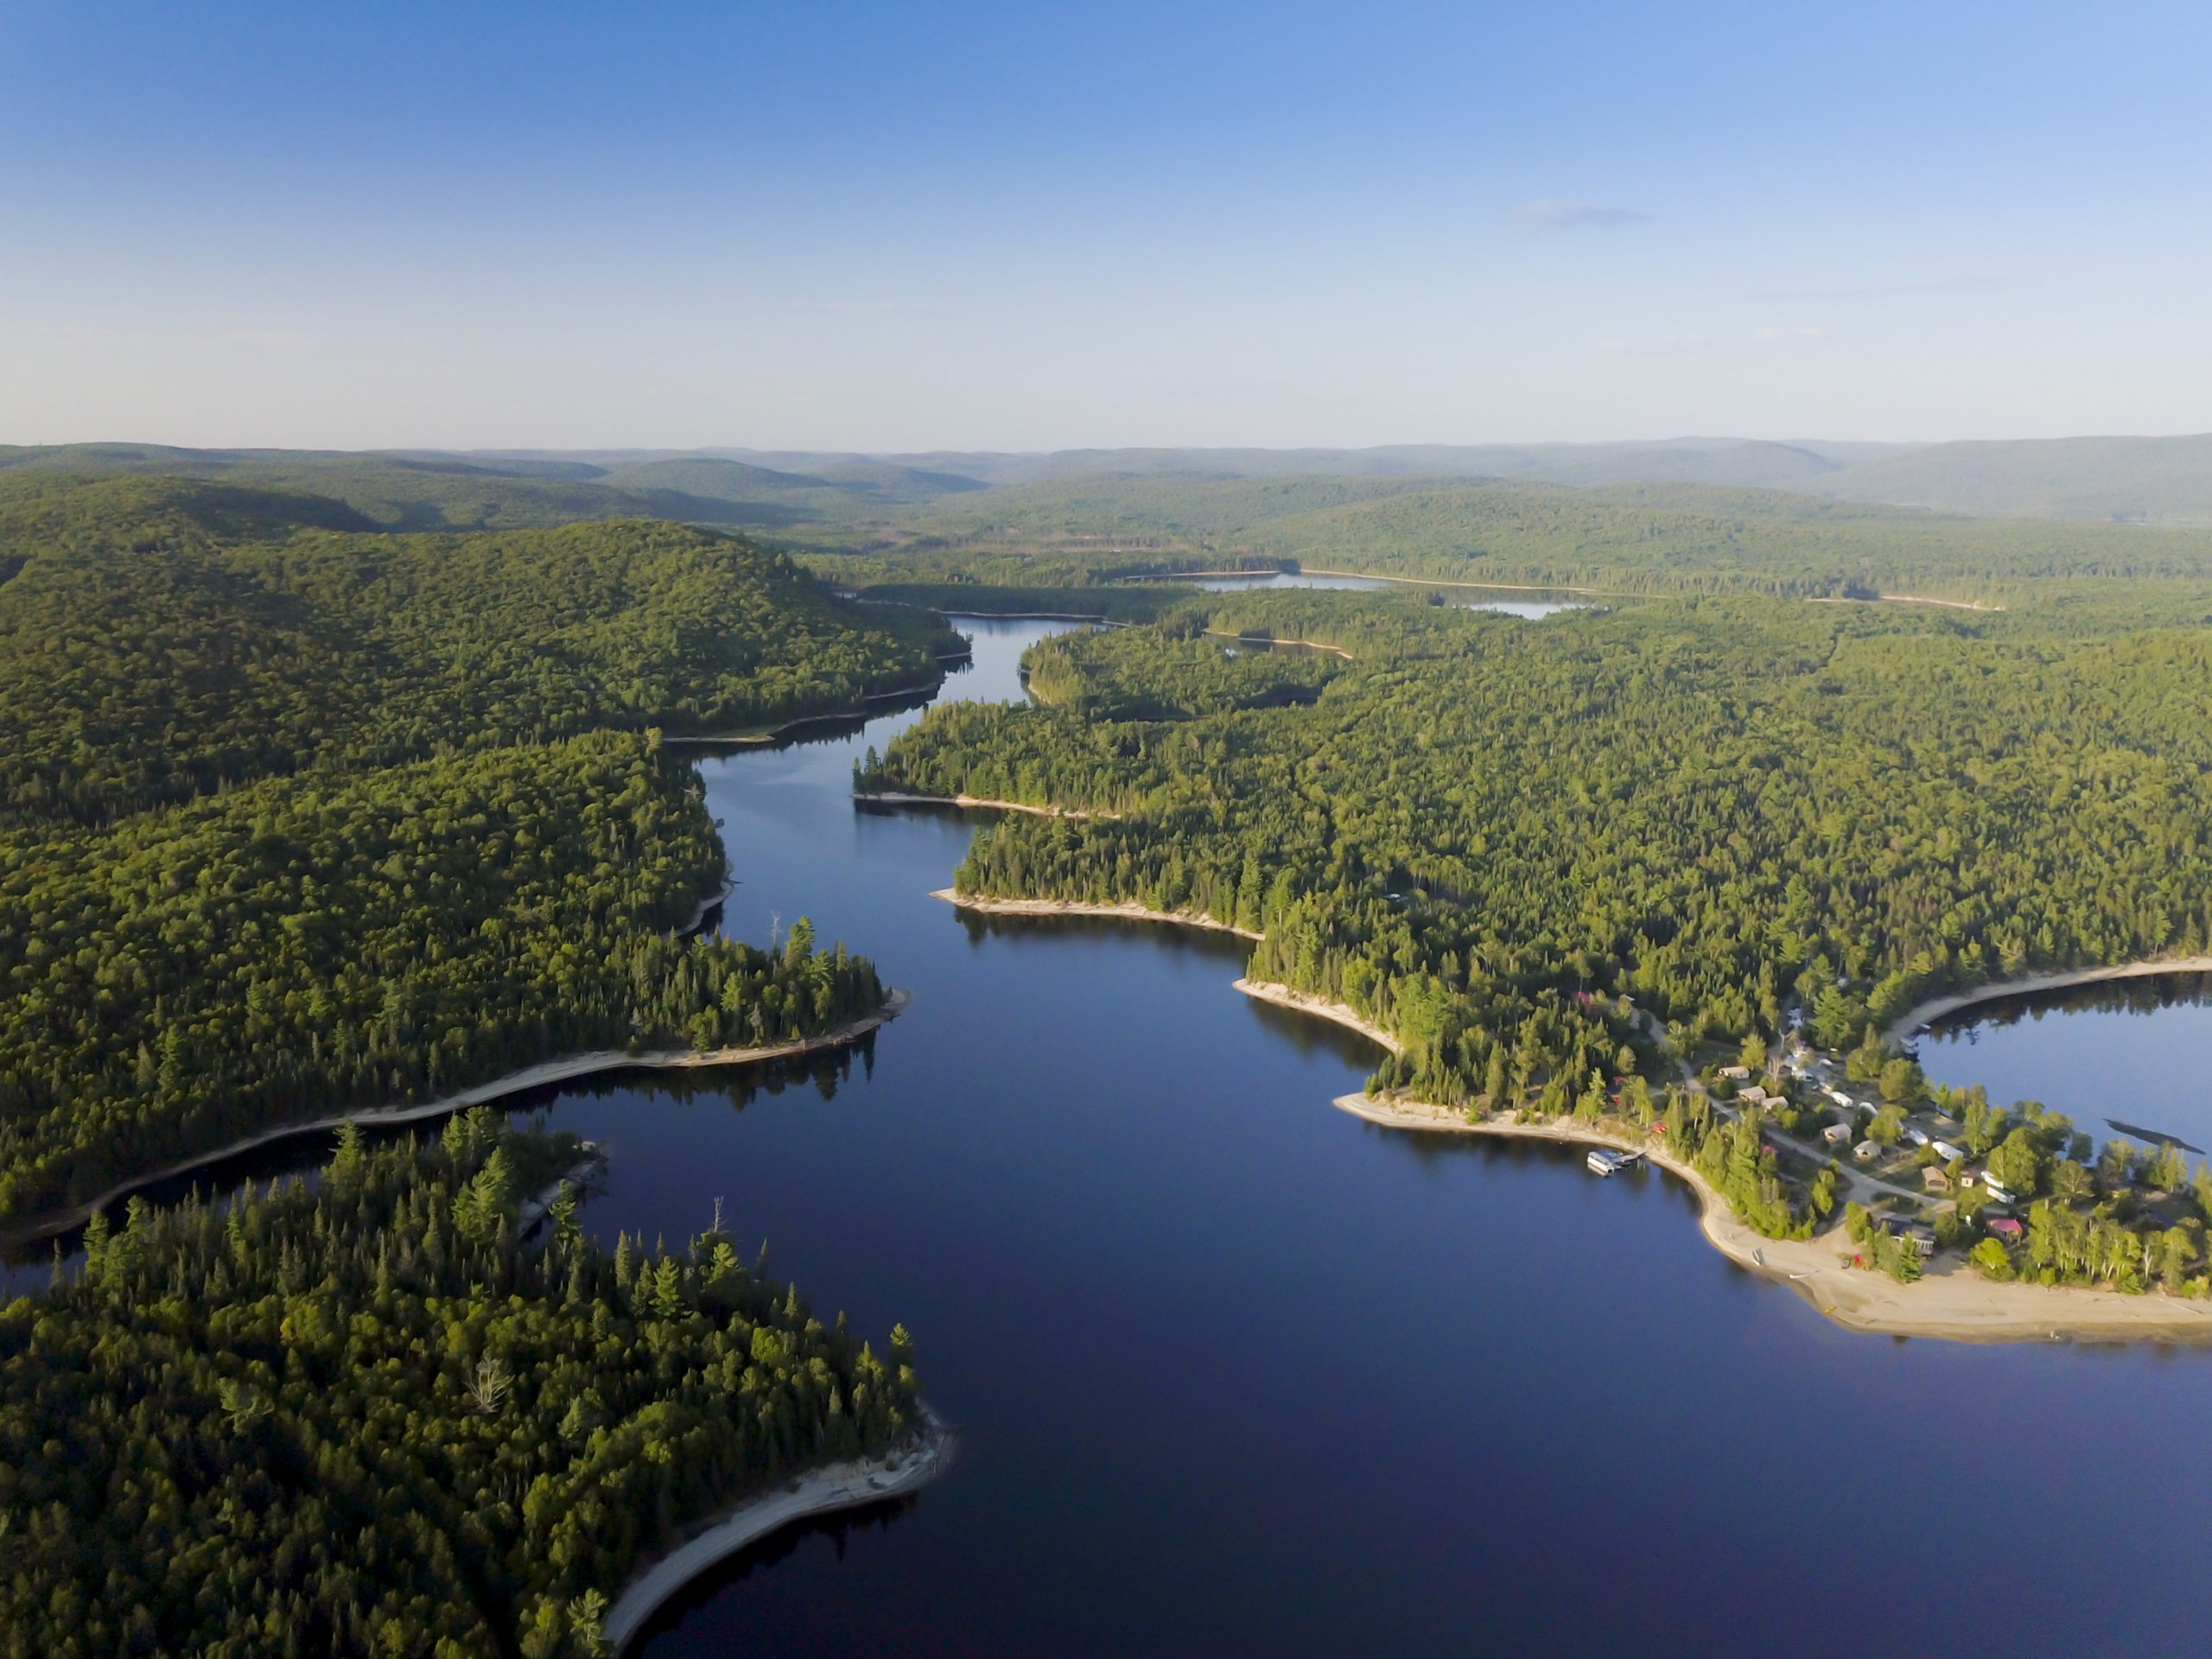 vue aérienne d'un lac dans les laurentides